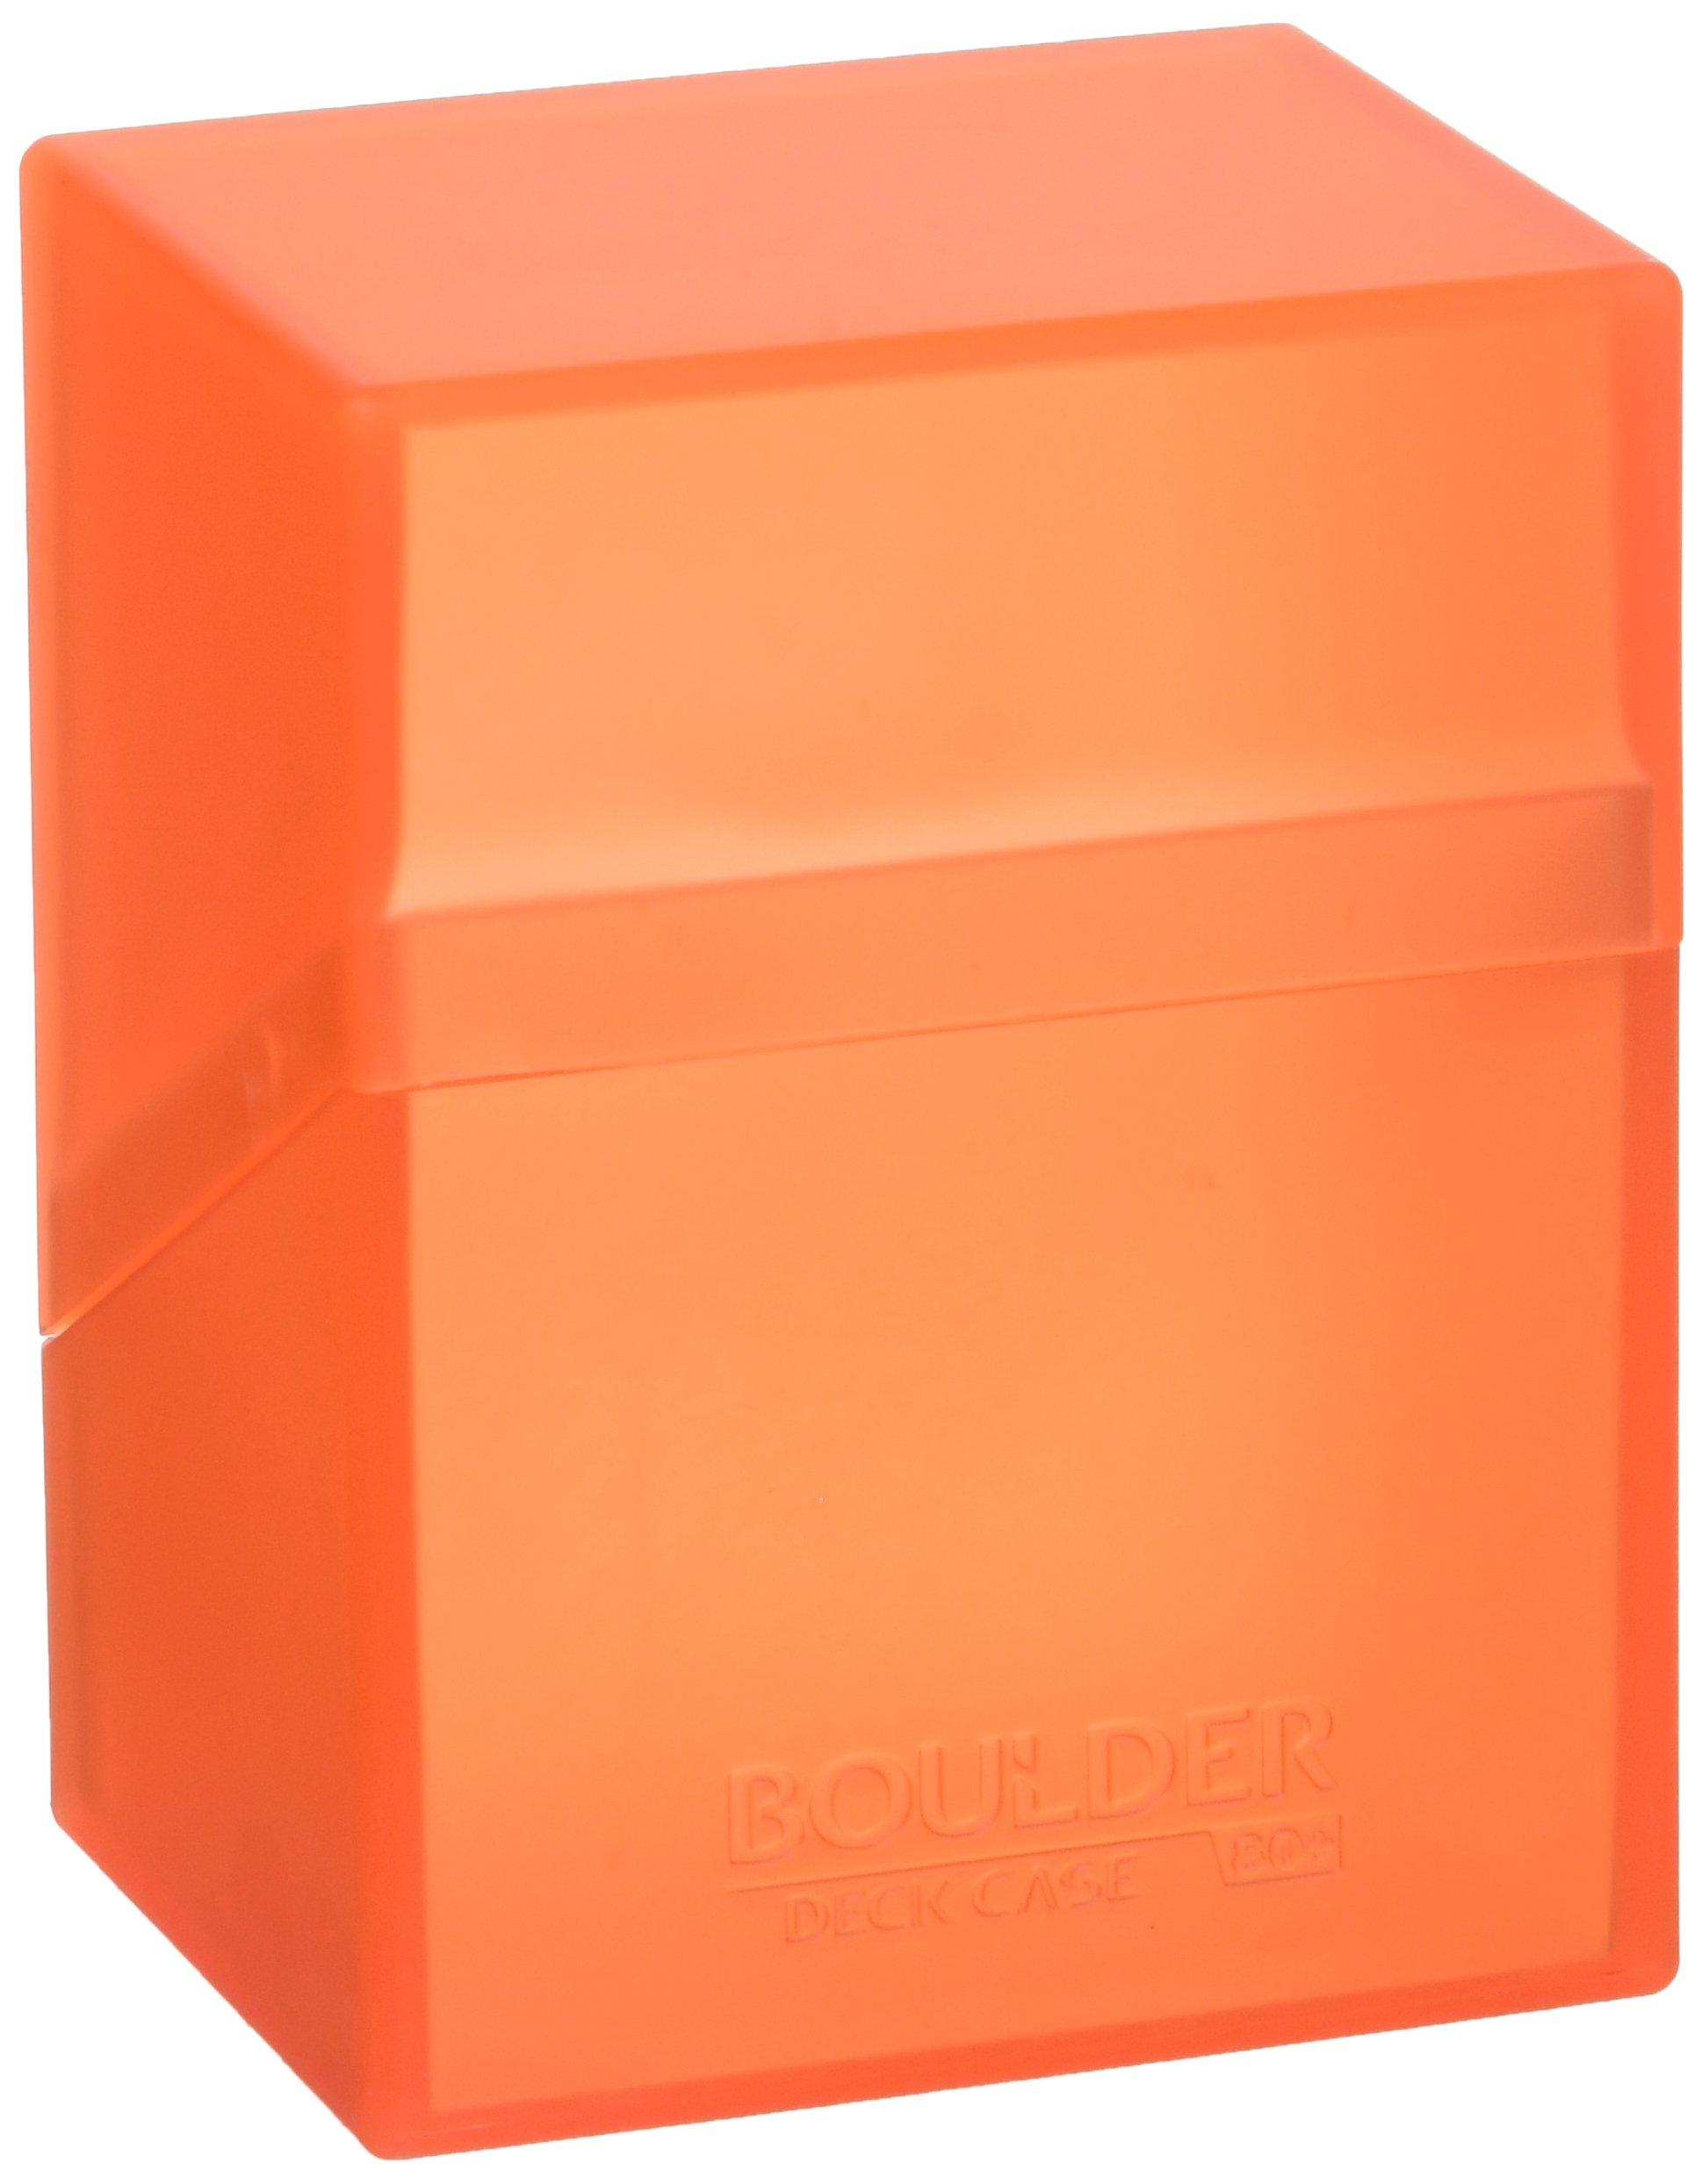 Ultimate Guard Boulder Deck Case 100 Large UGD010689 Frosted Card Game